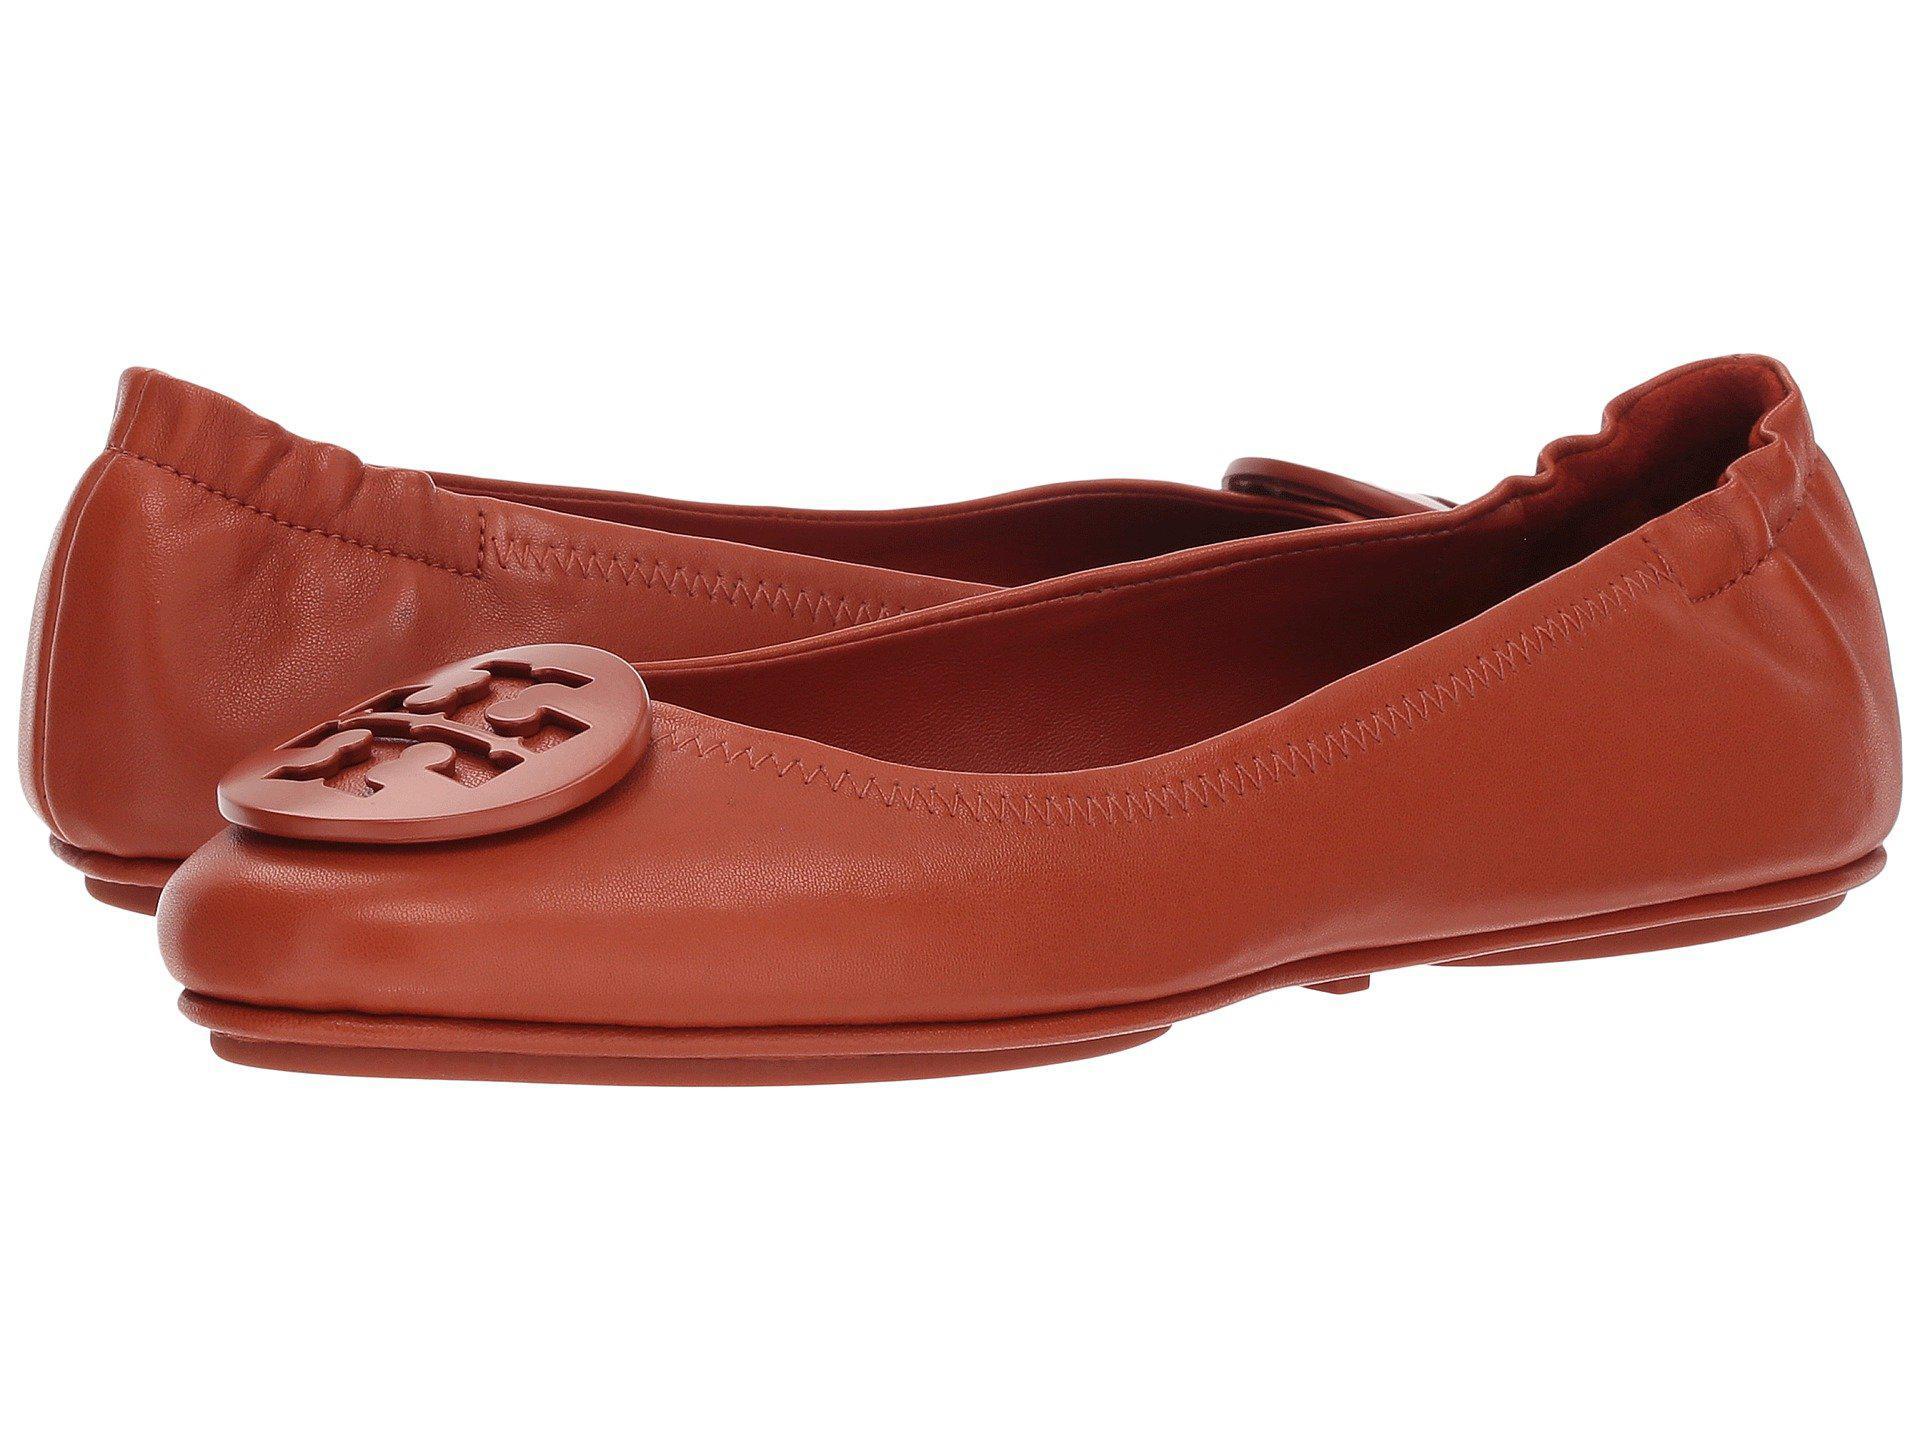 d5073d7b399a7 Tory Burch - Red Minnie Travel Ballet Flat (black gold) Women s Shoes -